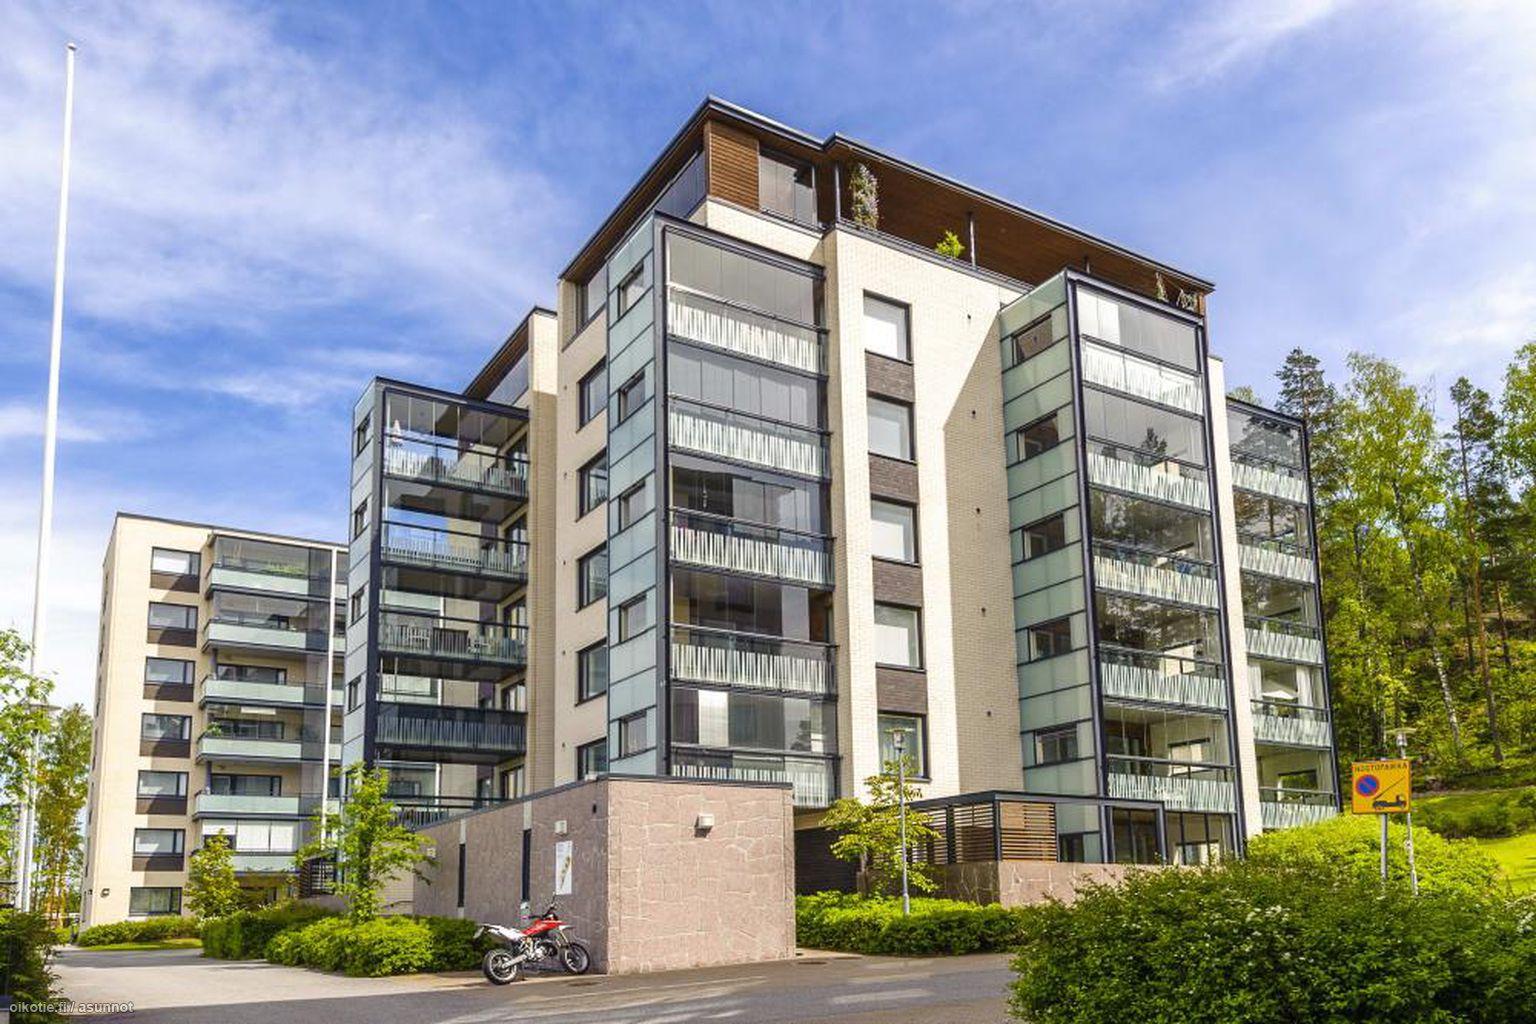 78,5 m² Saunalahdenkatu 14, 02330 Espoo Kerrostalo 3h myynnissä - Oikotie 14162472